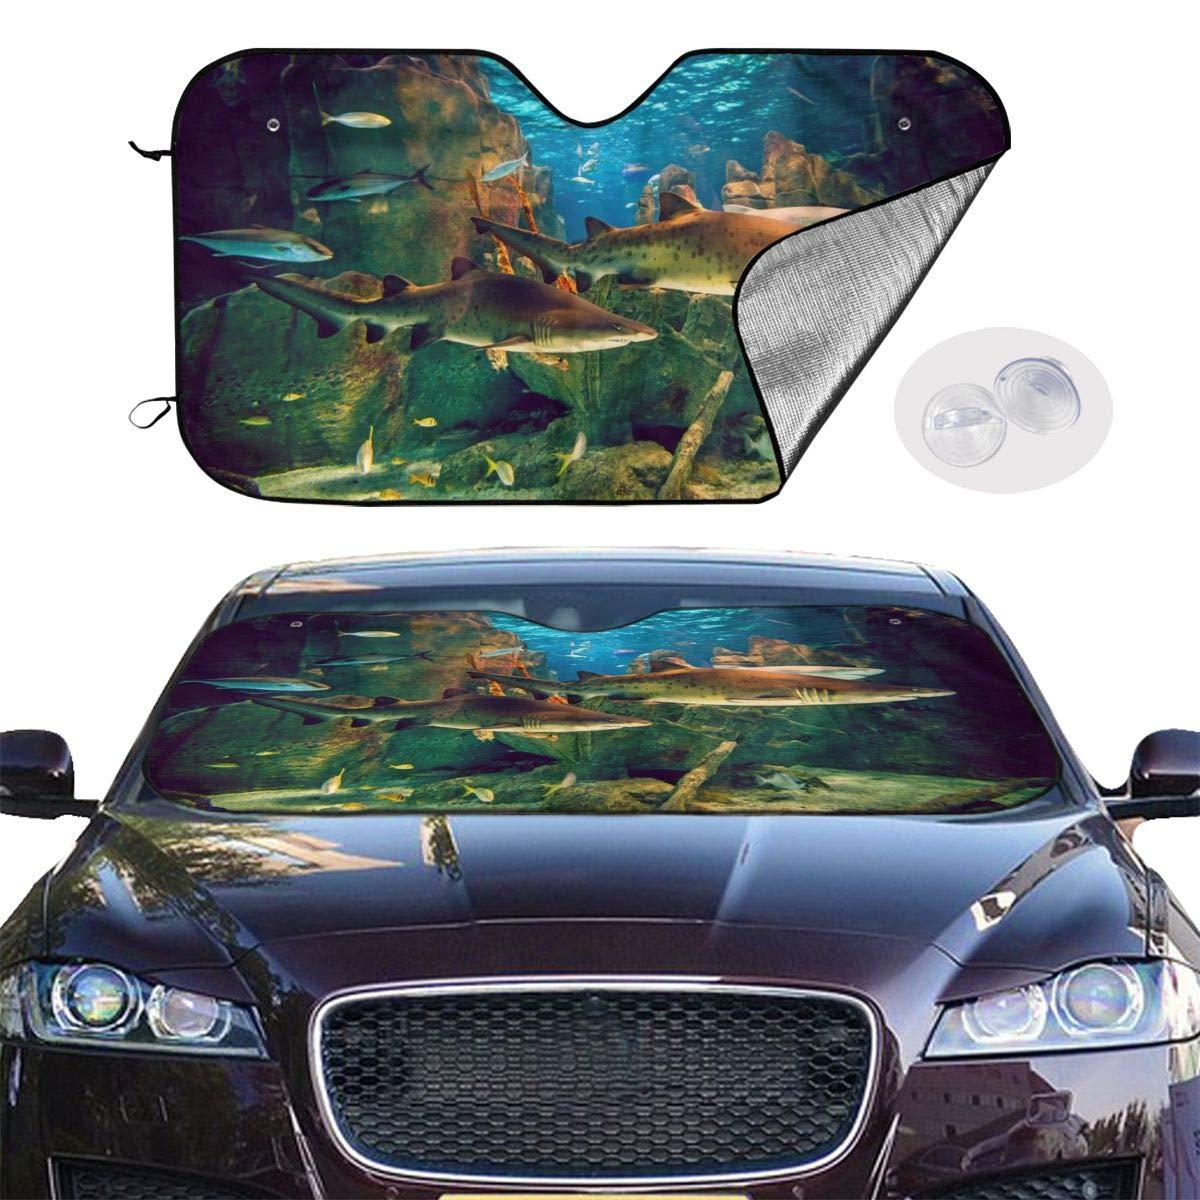 水族館 サメ Car Sunshade Window Windscreen Cover,Automotive Window Protector Sunshade Uv Sun and Heat Reflector for Car Truck SUV,Keep Your Vehicle Cool and Damage Free